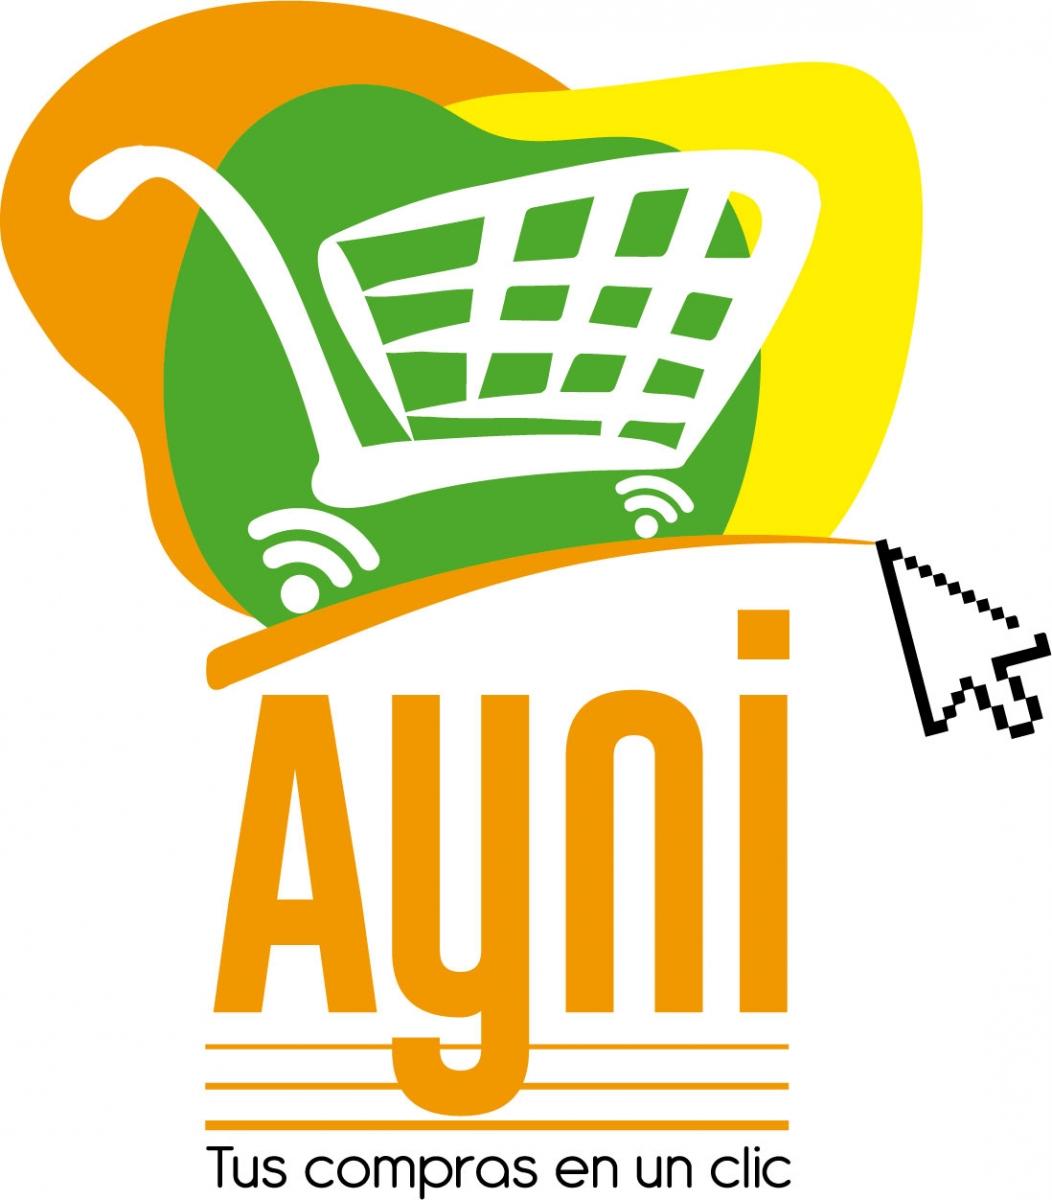 Ayni Market: Compra de manera responsable y eco amigable